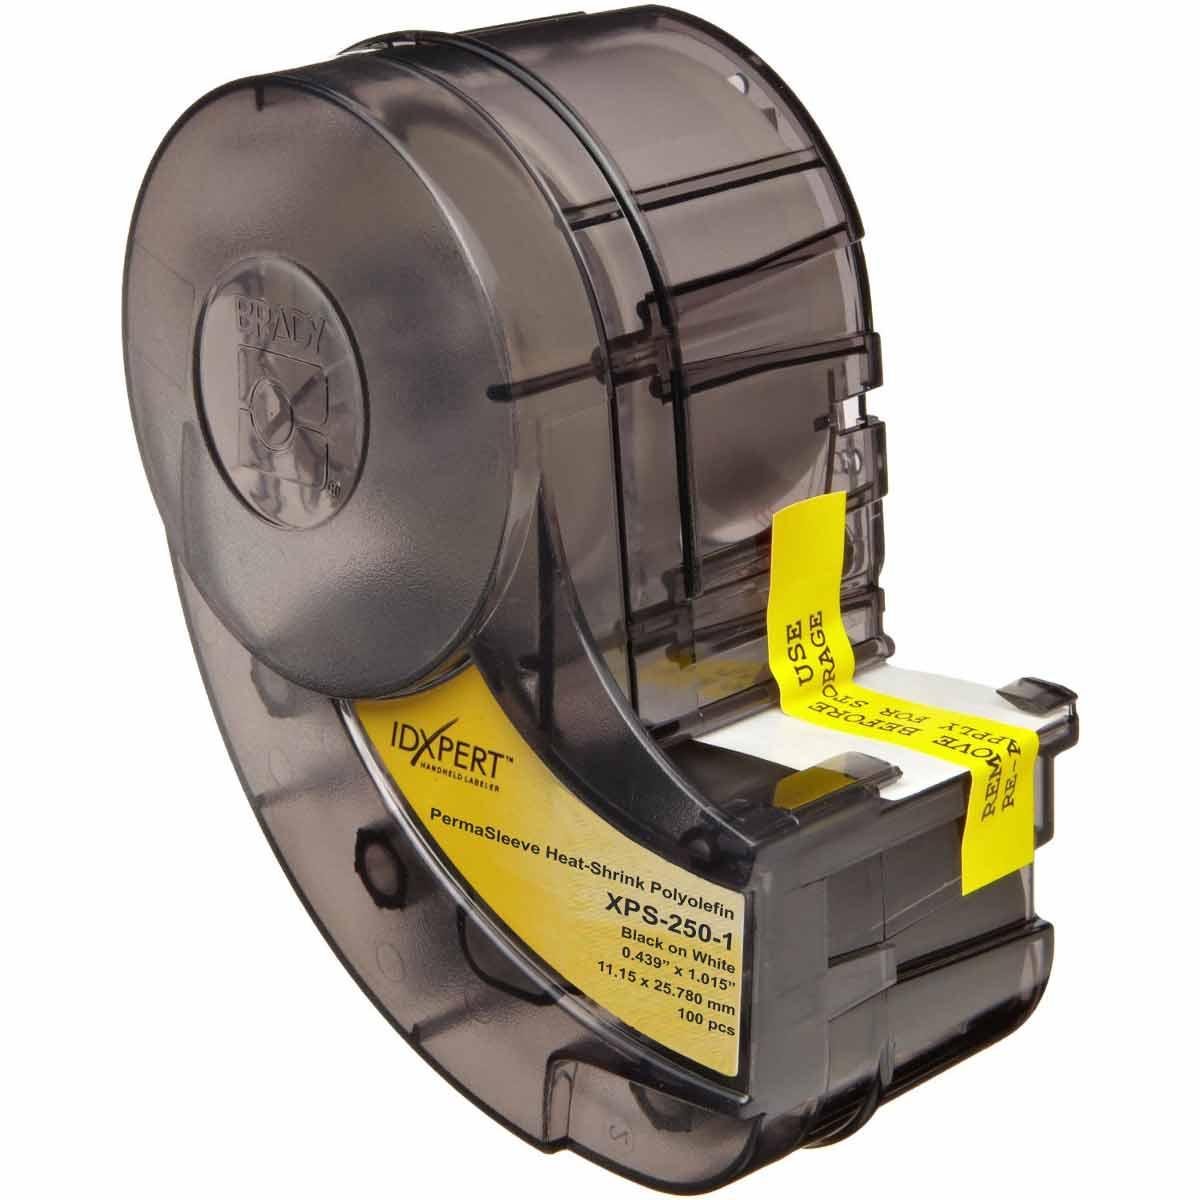 BRAXPS-250-1 XPERT PERMASLEEVE WHT .250 IN DIA X 1 IN, BRADY, XPS-250-1